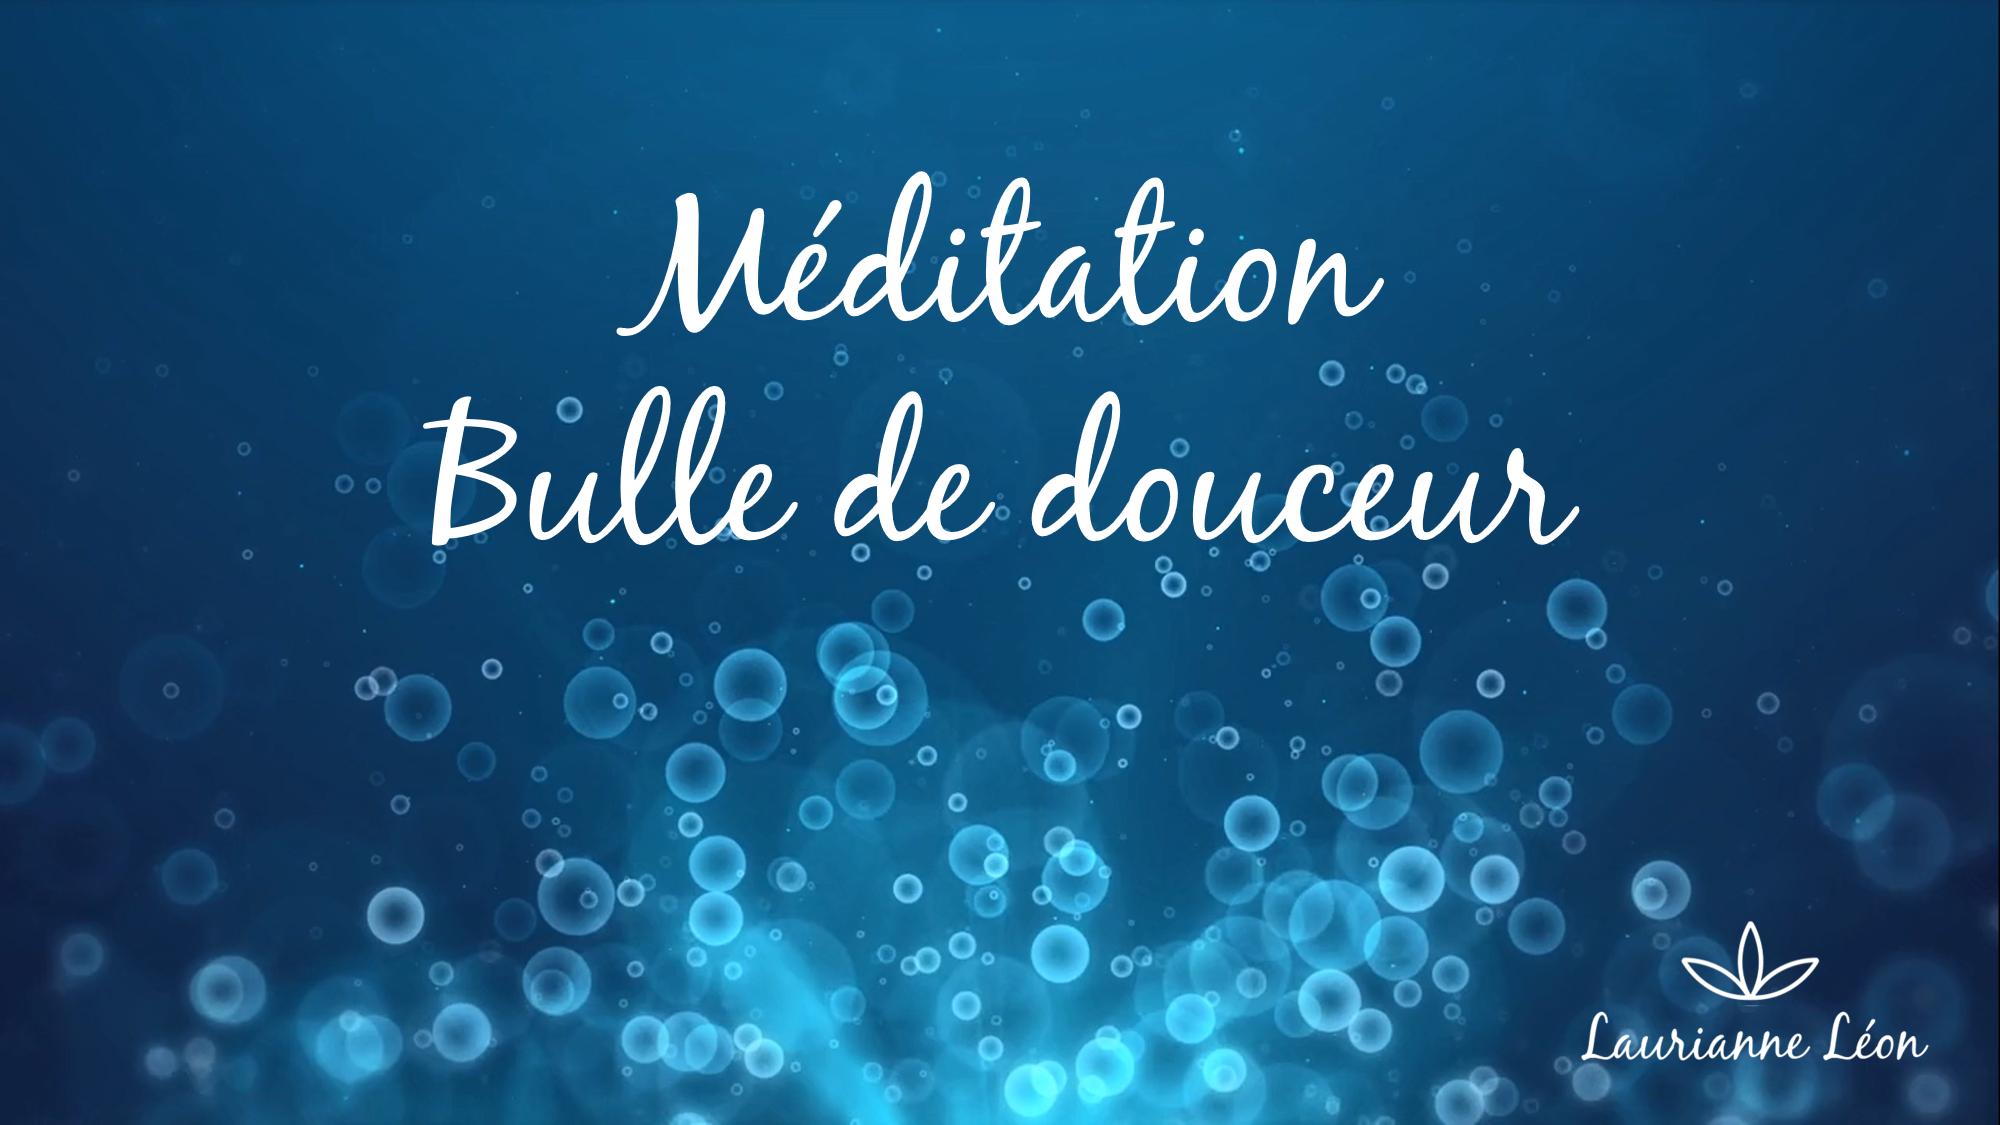 Couverture Méditation Bulle de douceur